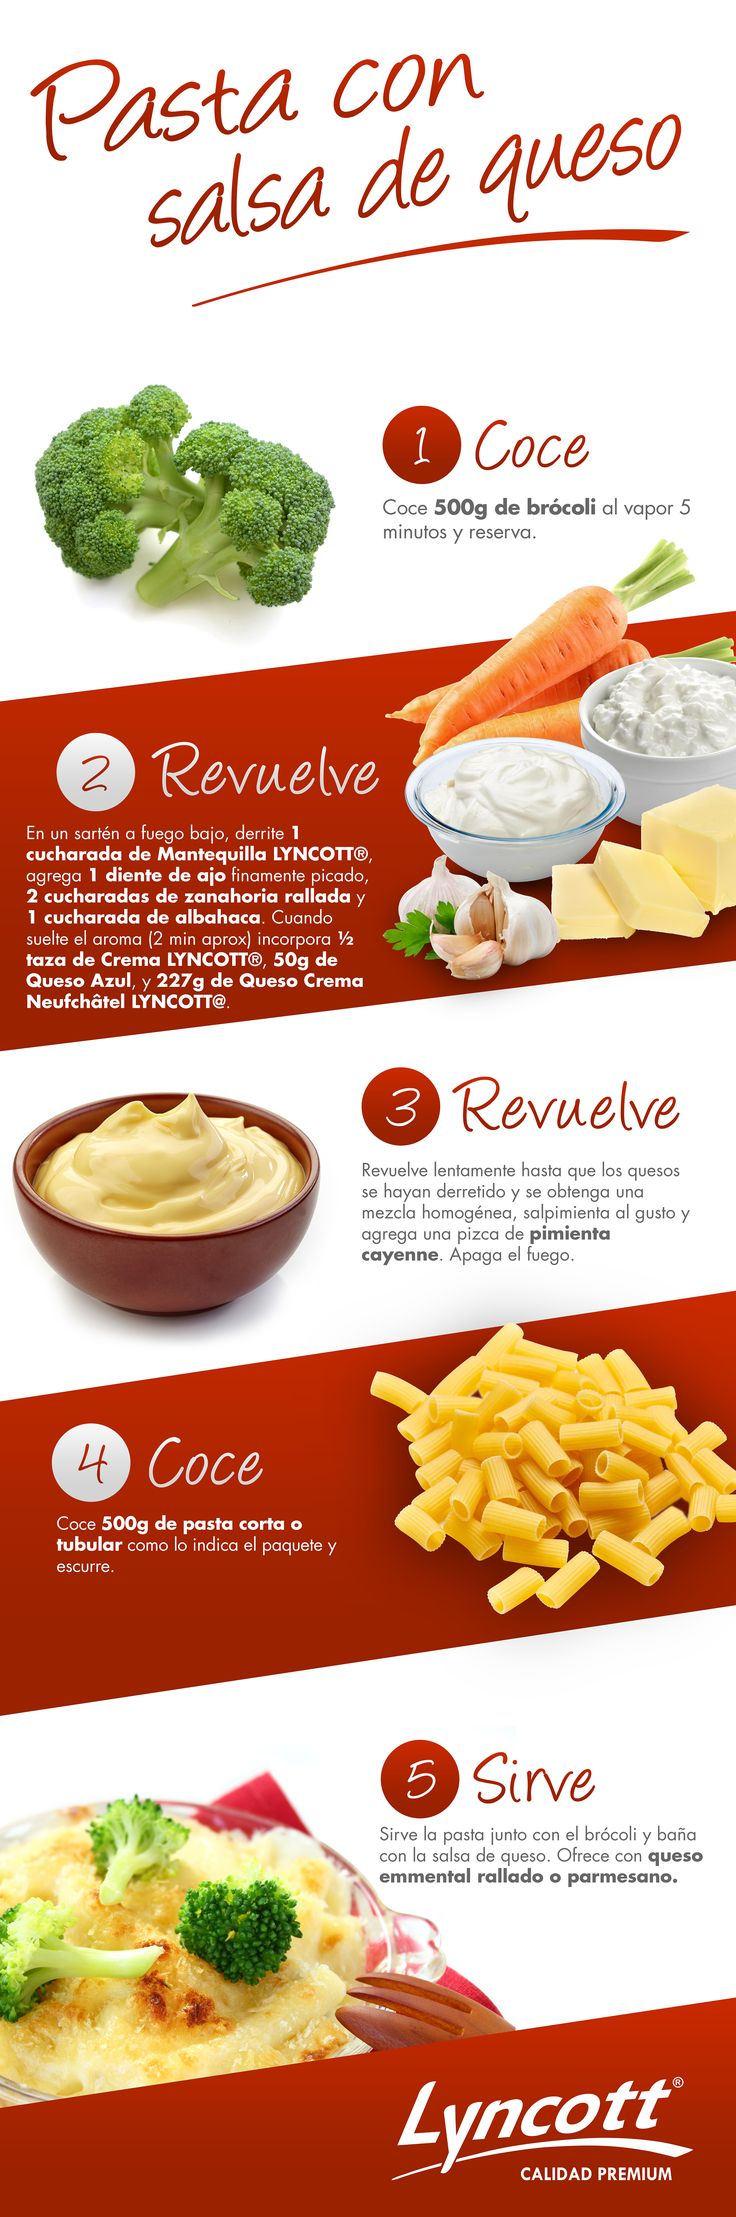 Pasta con salsa de queso #RecetaFácil #Lyncott #Saludable #Delicioso